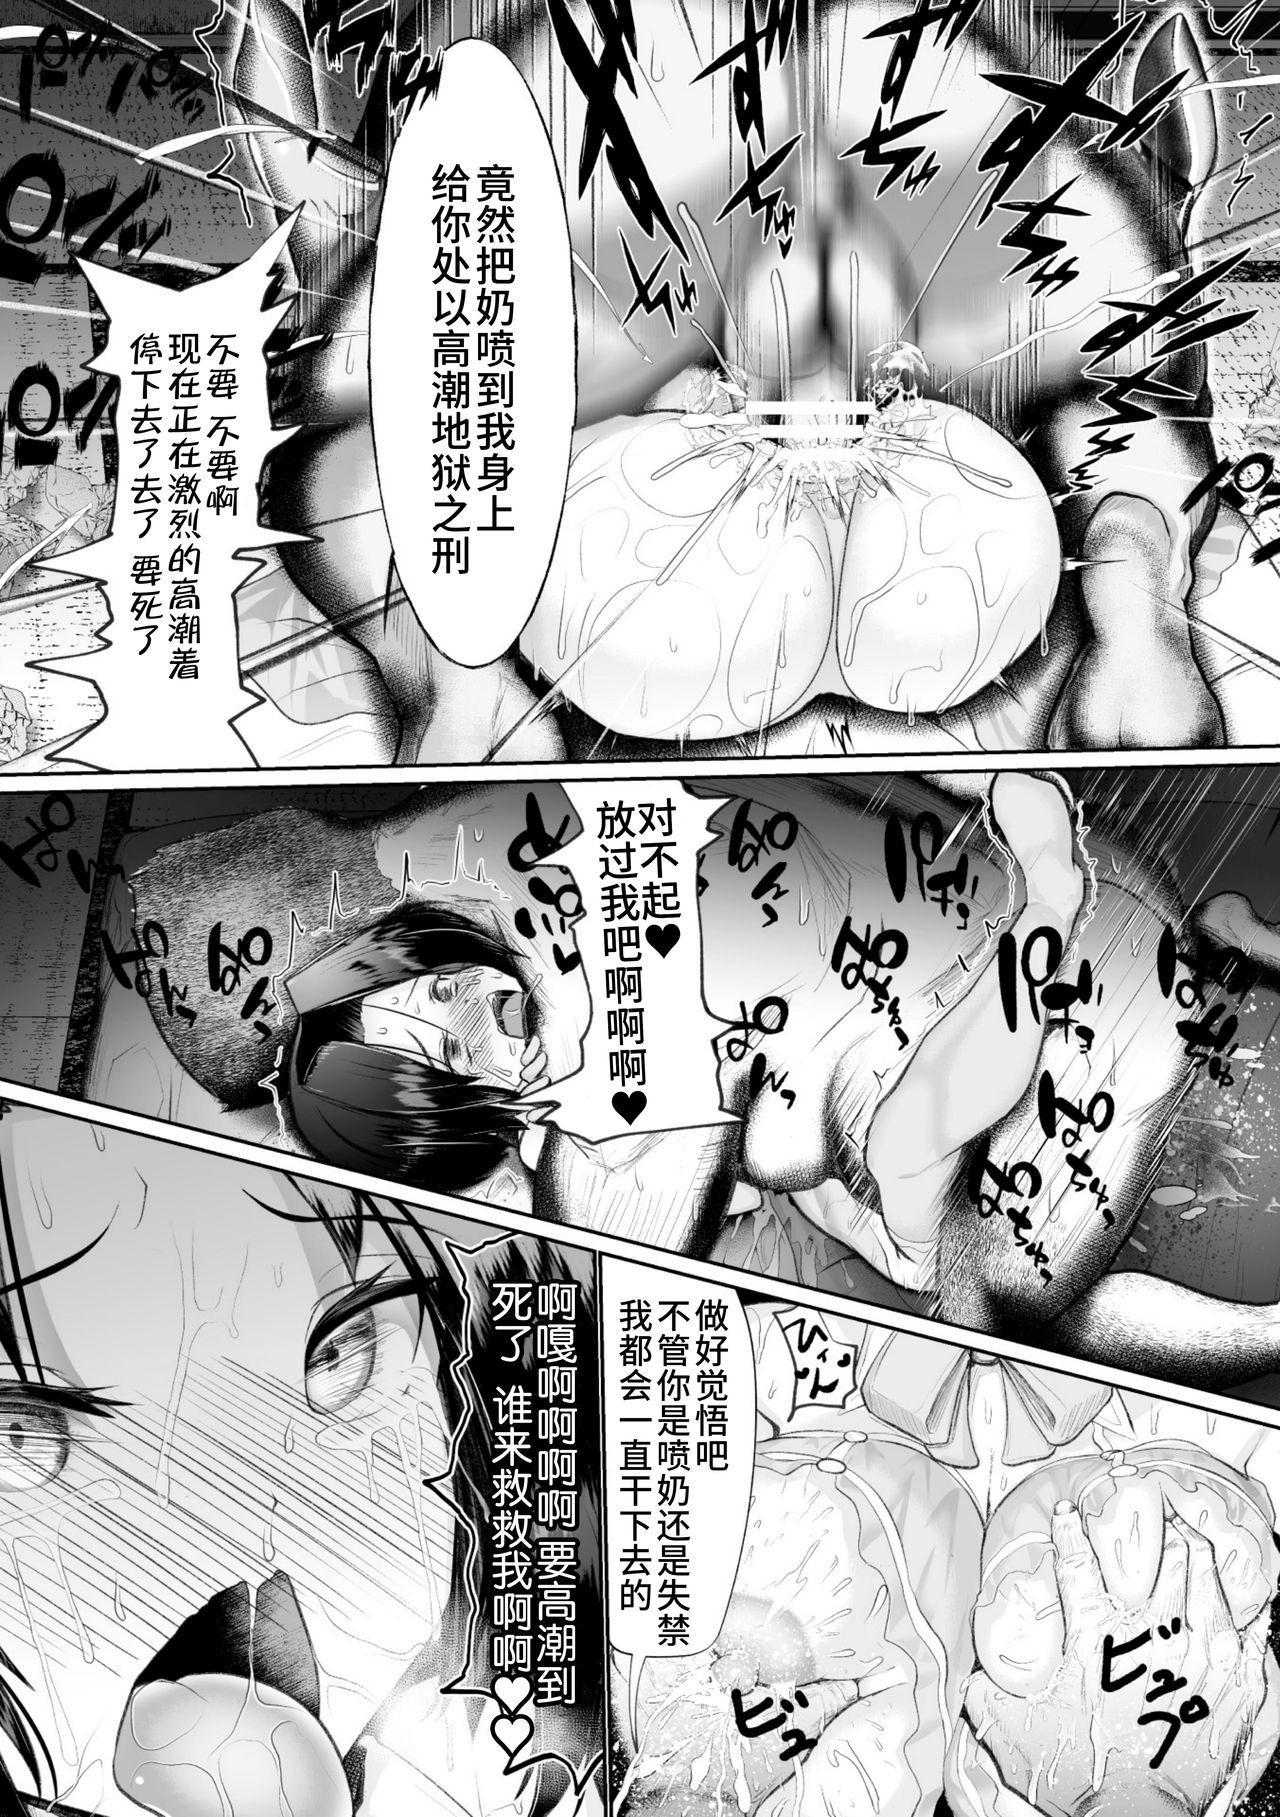 2D Comic Magazine Seigi no Heroine VS Tanetsuke Oji-san Vol. 2 36